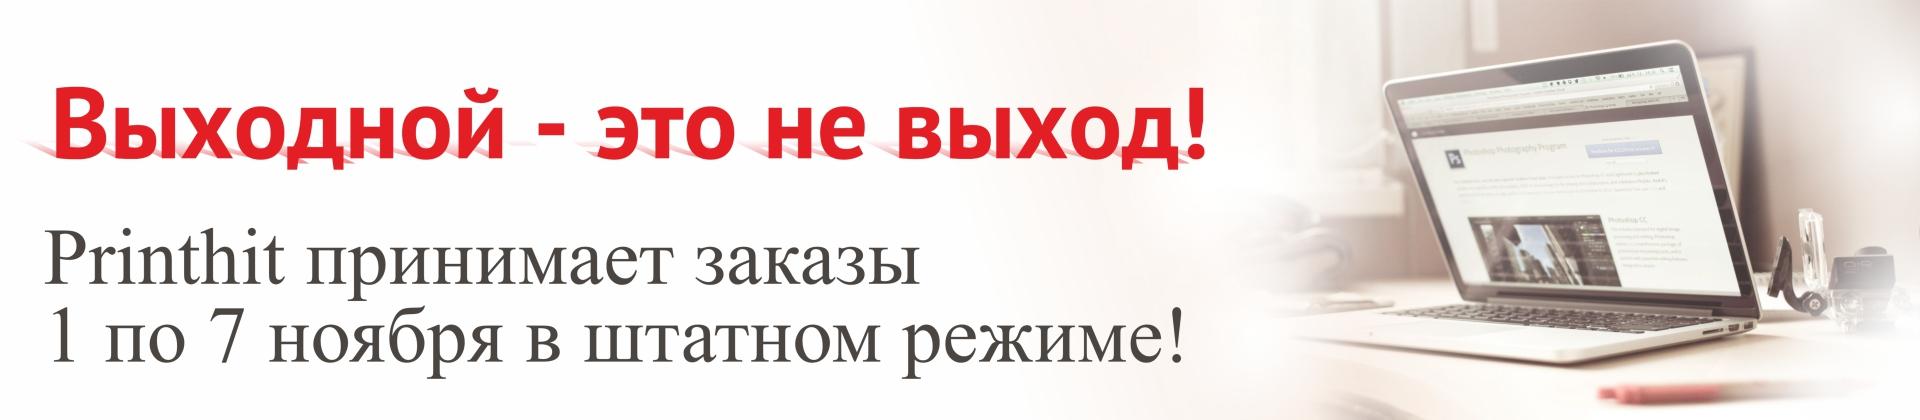 График работы типографии Printhit c 1 по 7 ноября